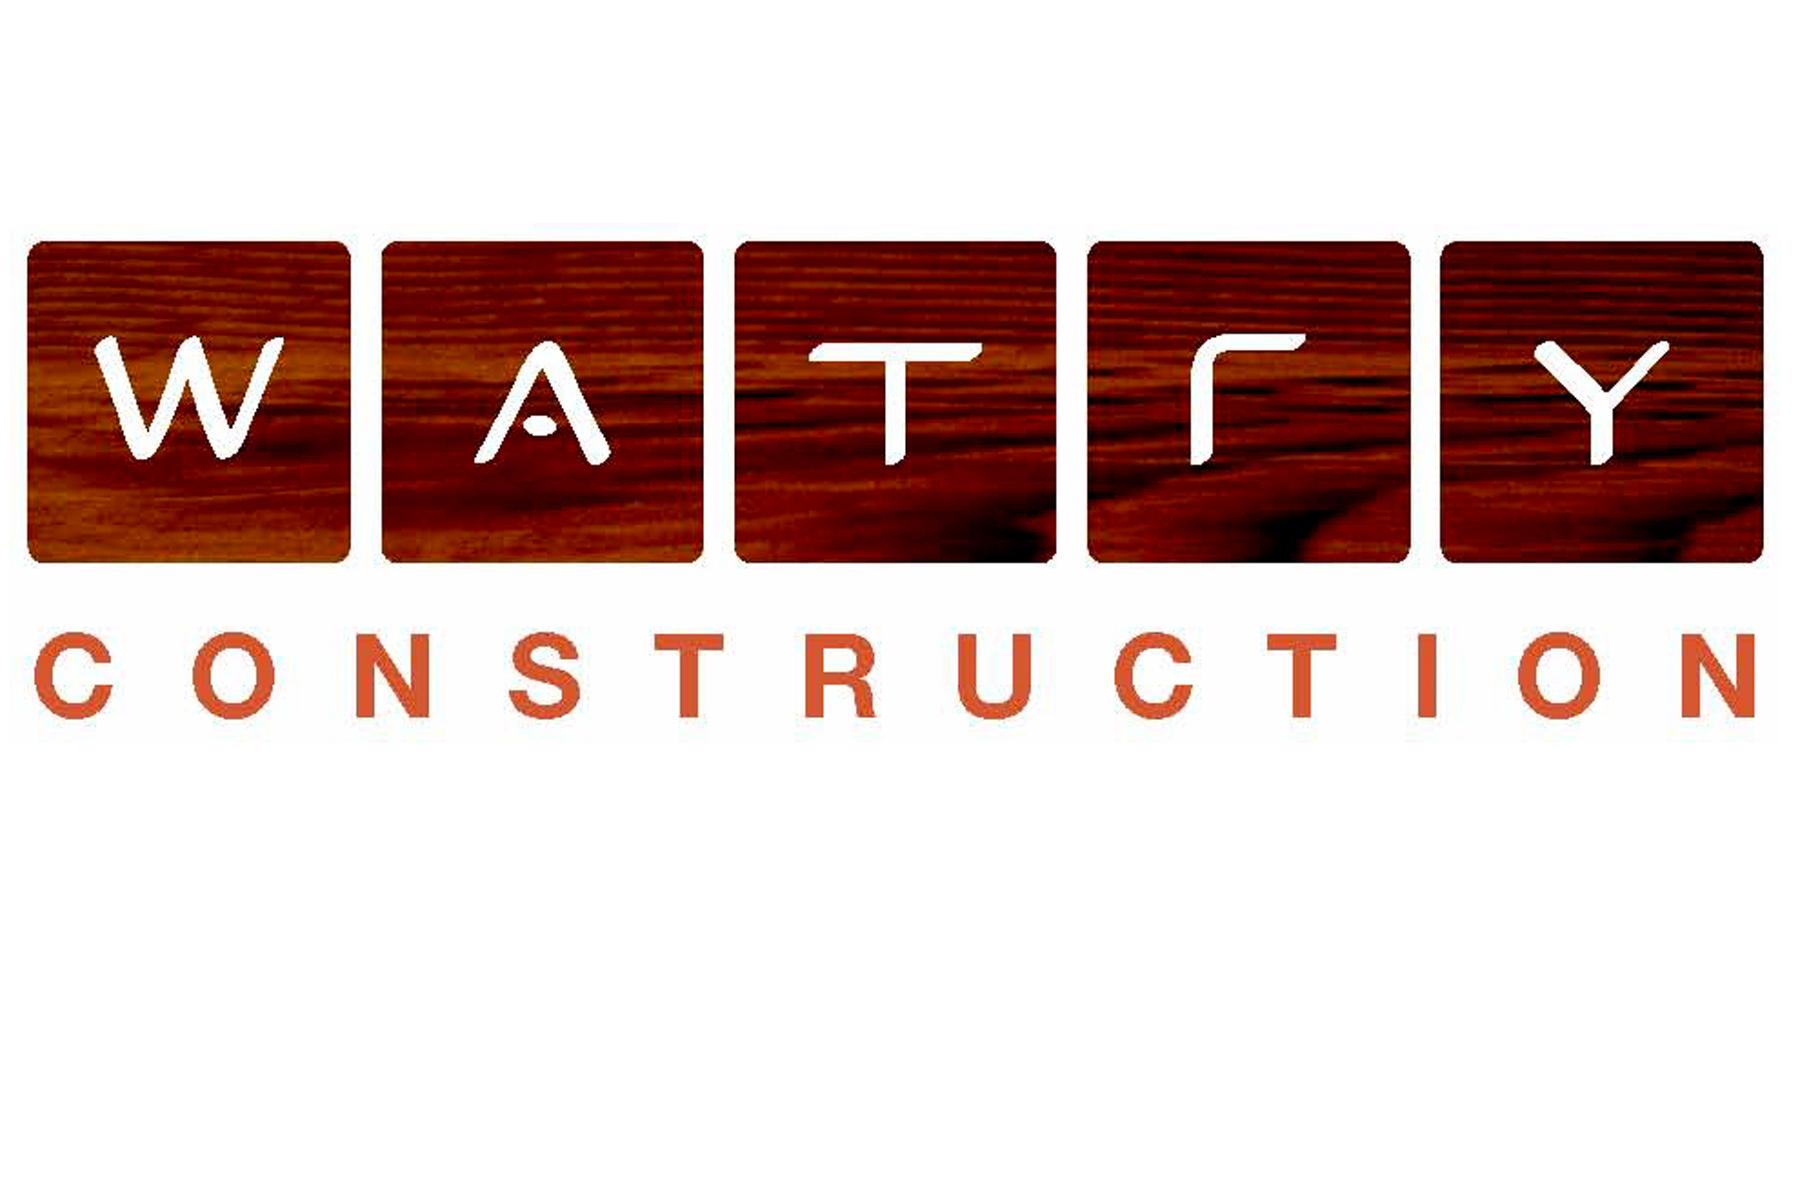 WATRY-CONSTRUCTION-LOGO